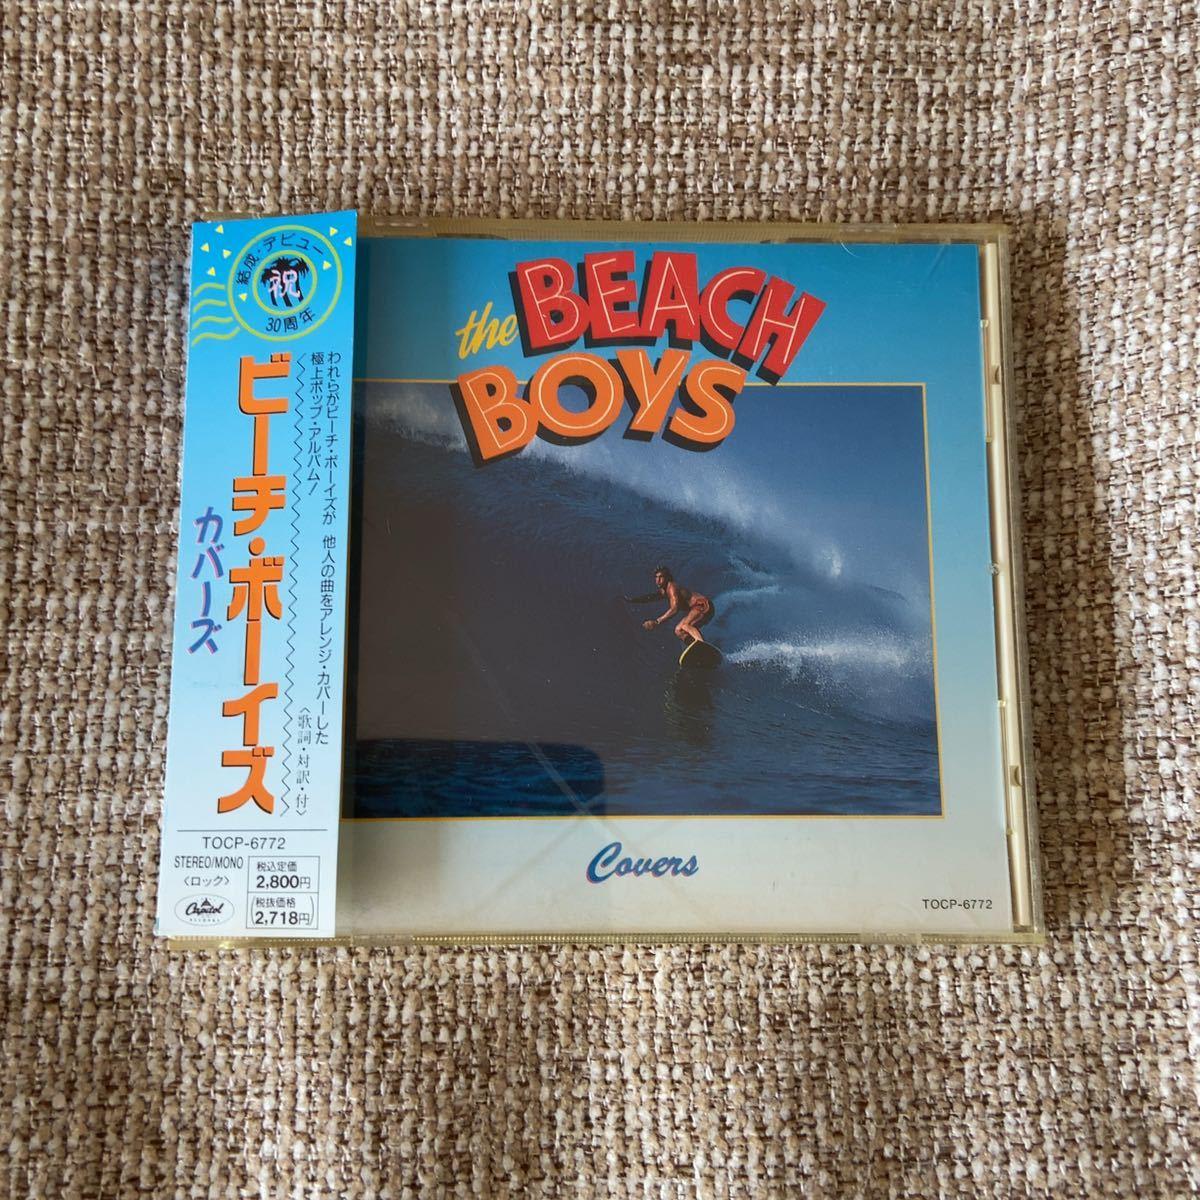 送料込 ビーチ・ボーイズ カバーズ THE BEACH BOYS